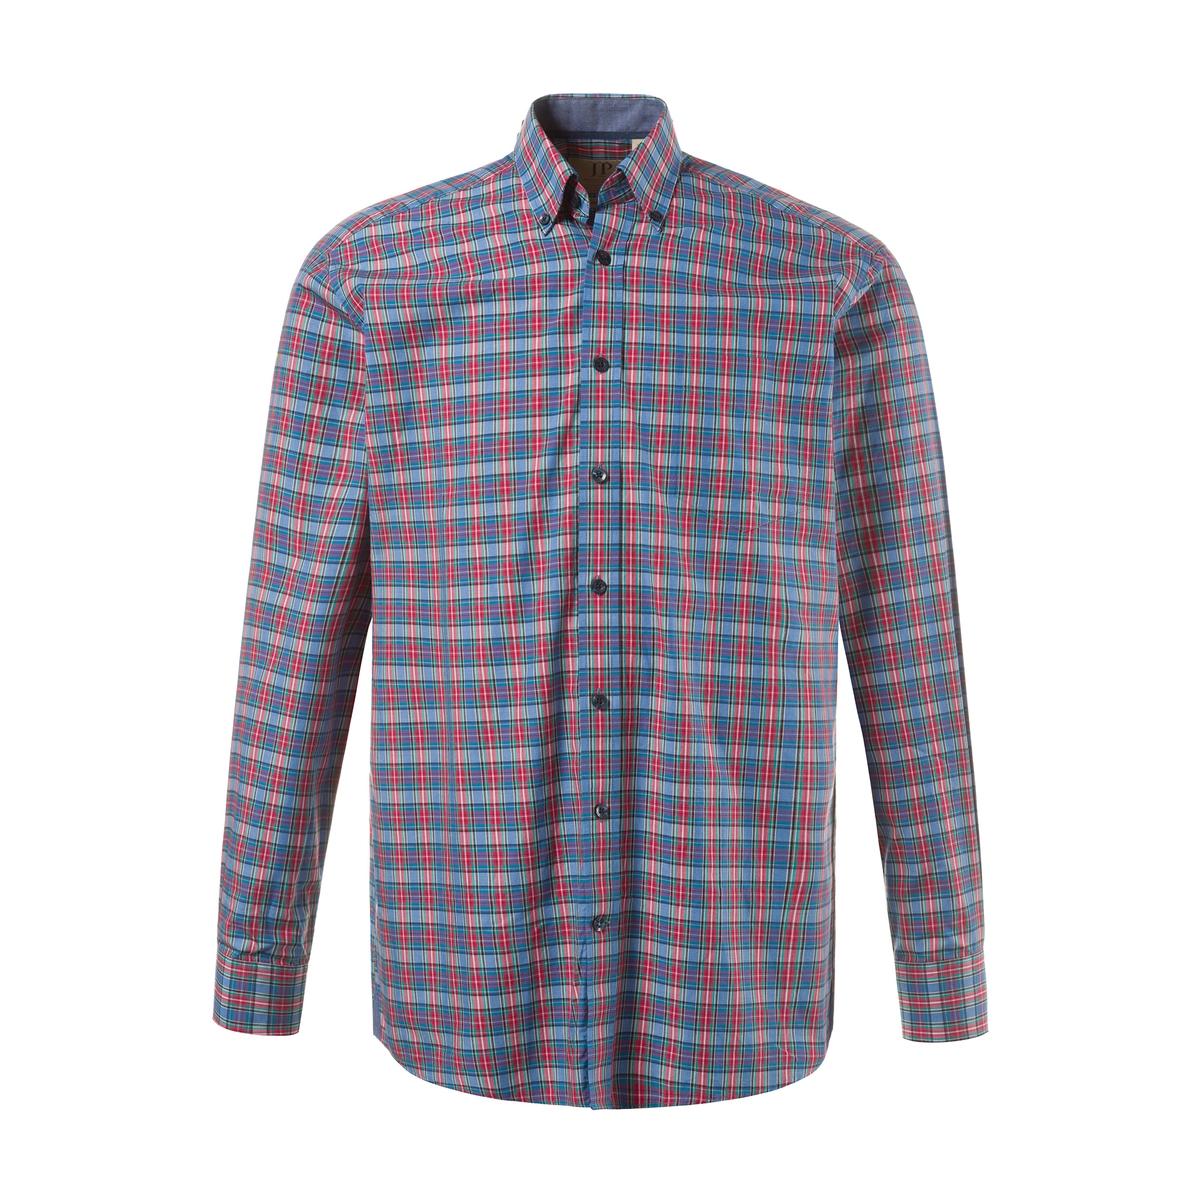 РубашкаРубашка в клетку с длинными рукавами. 100% хлопок.<br><br>Цвет: в клетку<br>Размер: L